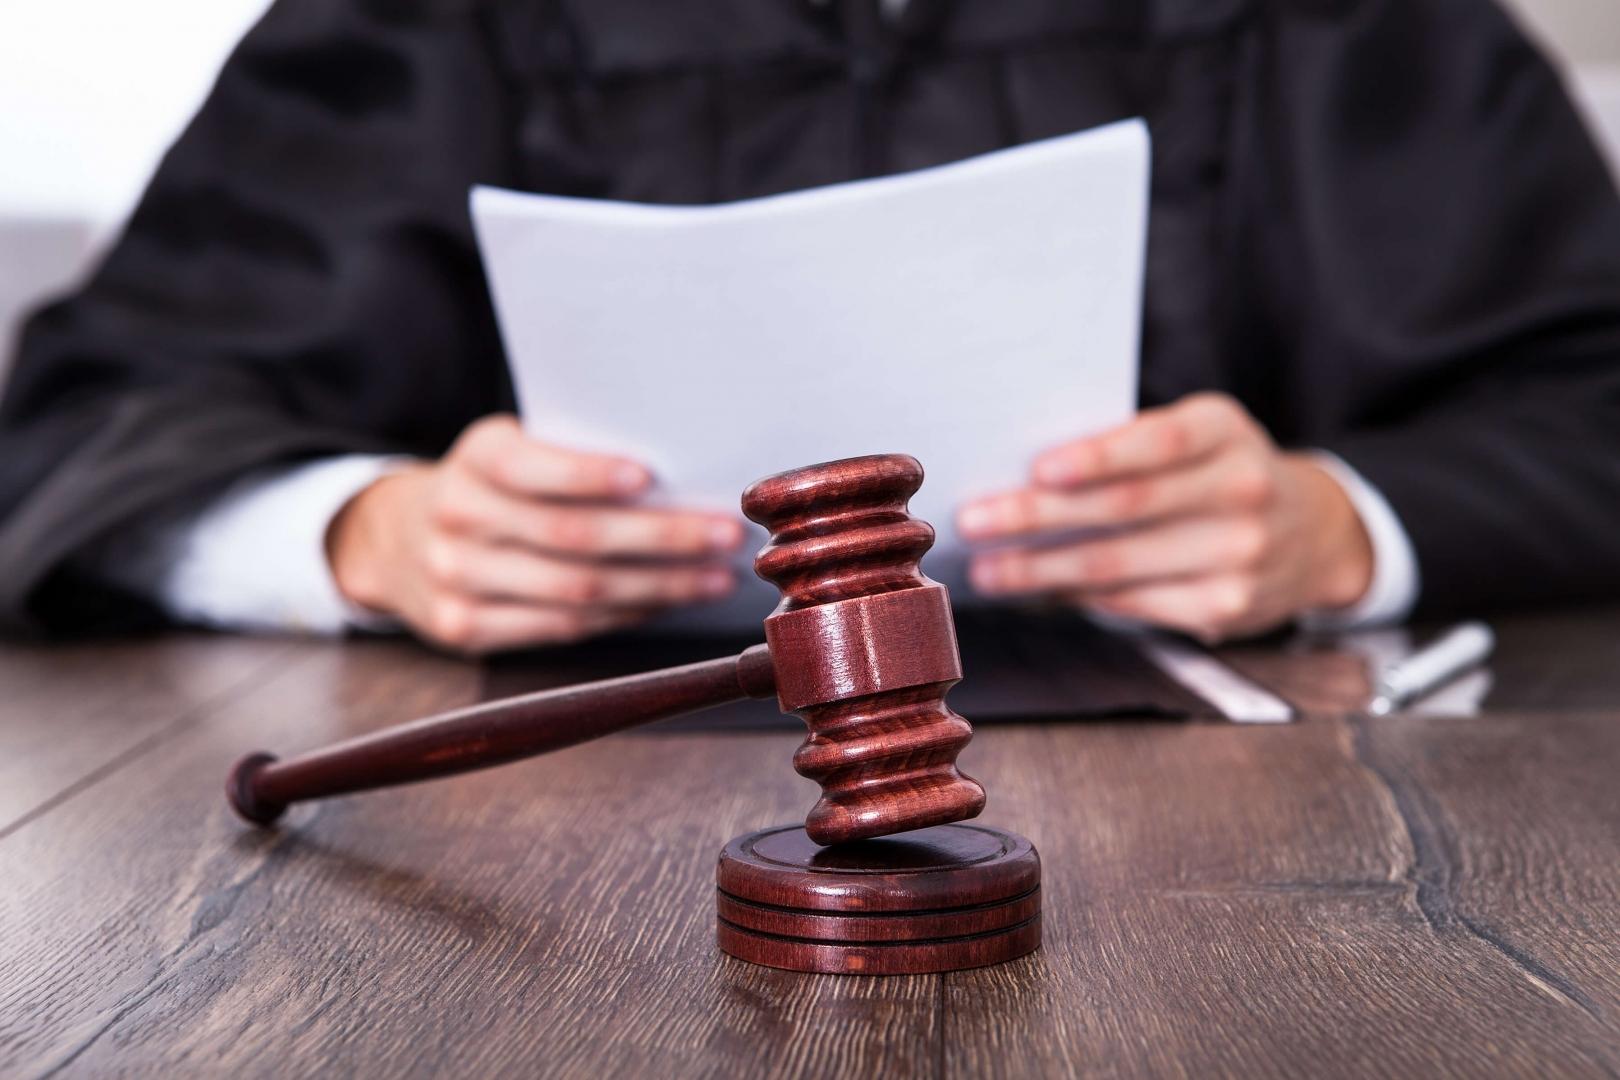 В Марий Эл вынесен приговор 2 заключенным, совершившим побег из колонии-поселения